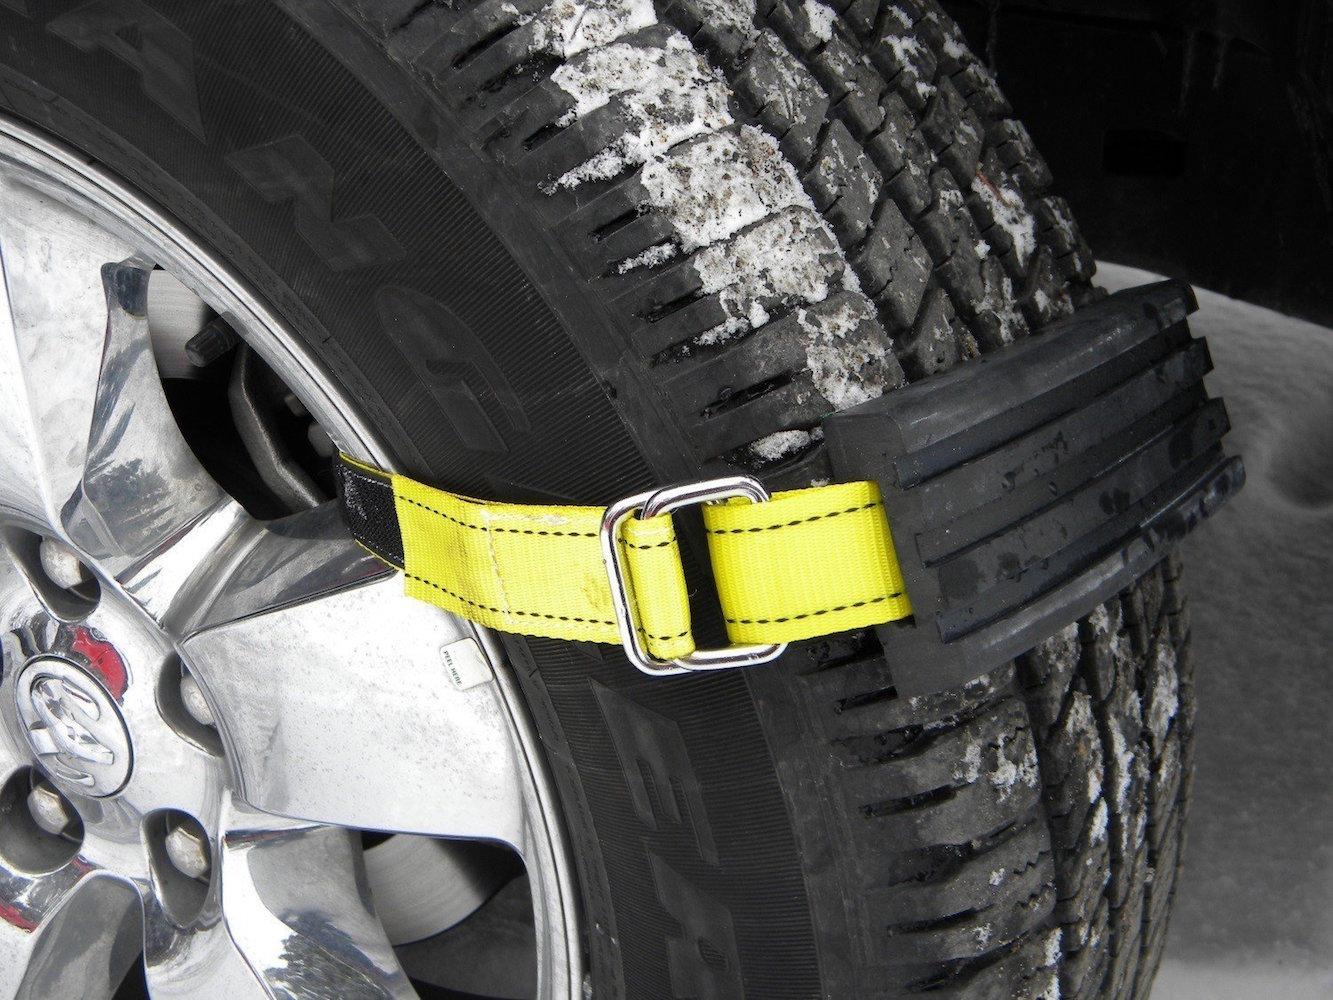 Траки для автомобиля антипробуксовочные сделать своими руками